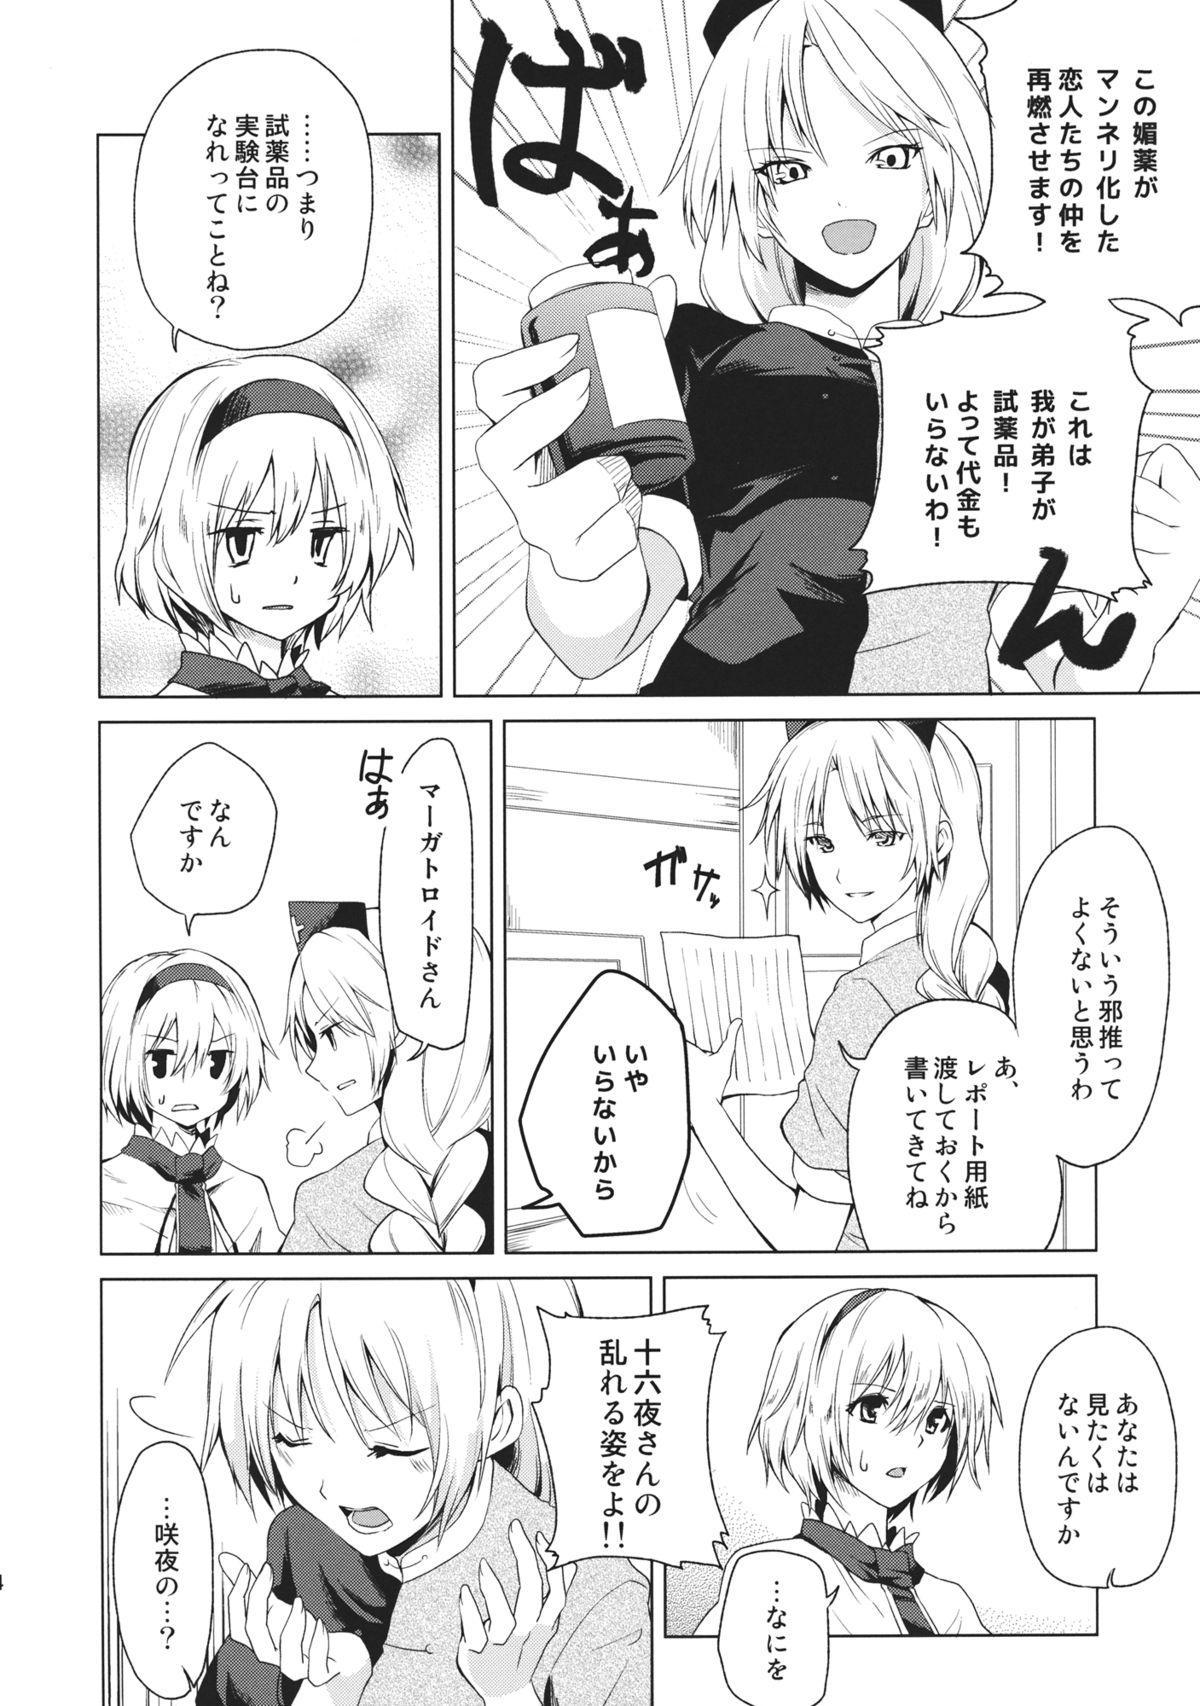 Hajimete no Biyaku 3